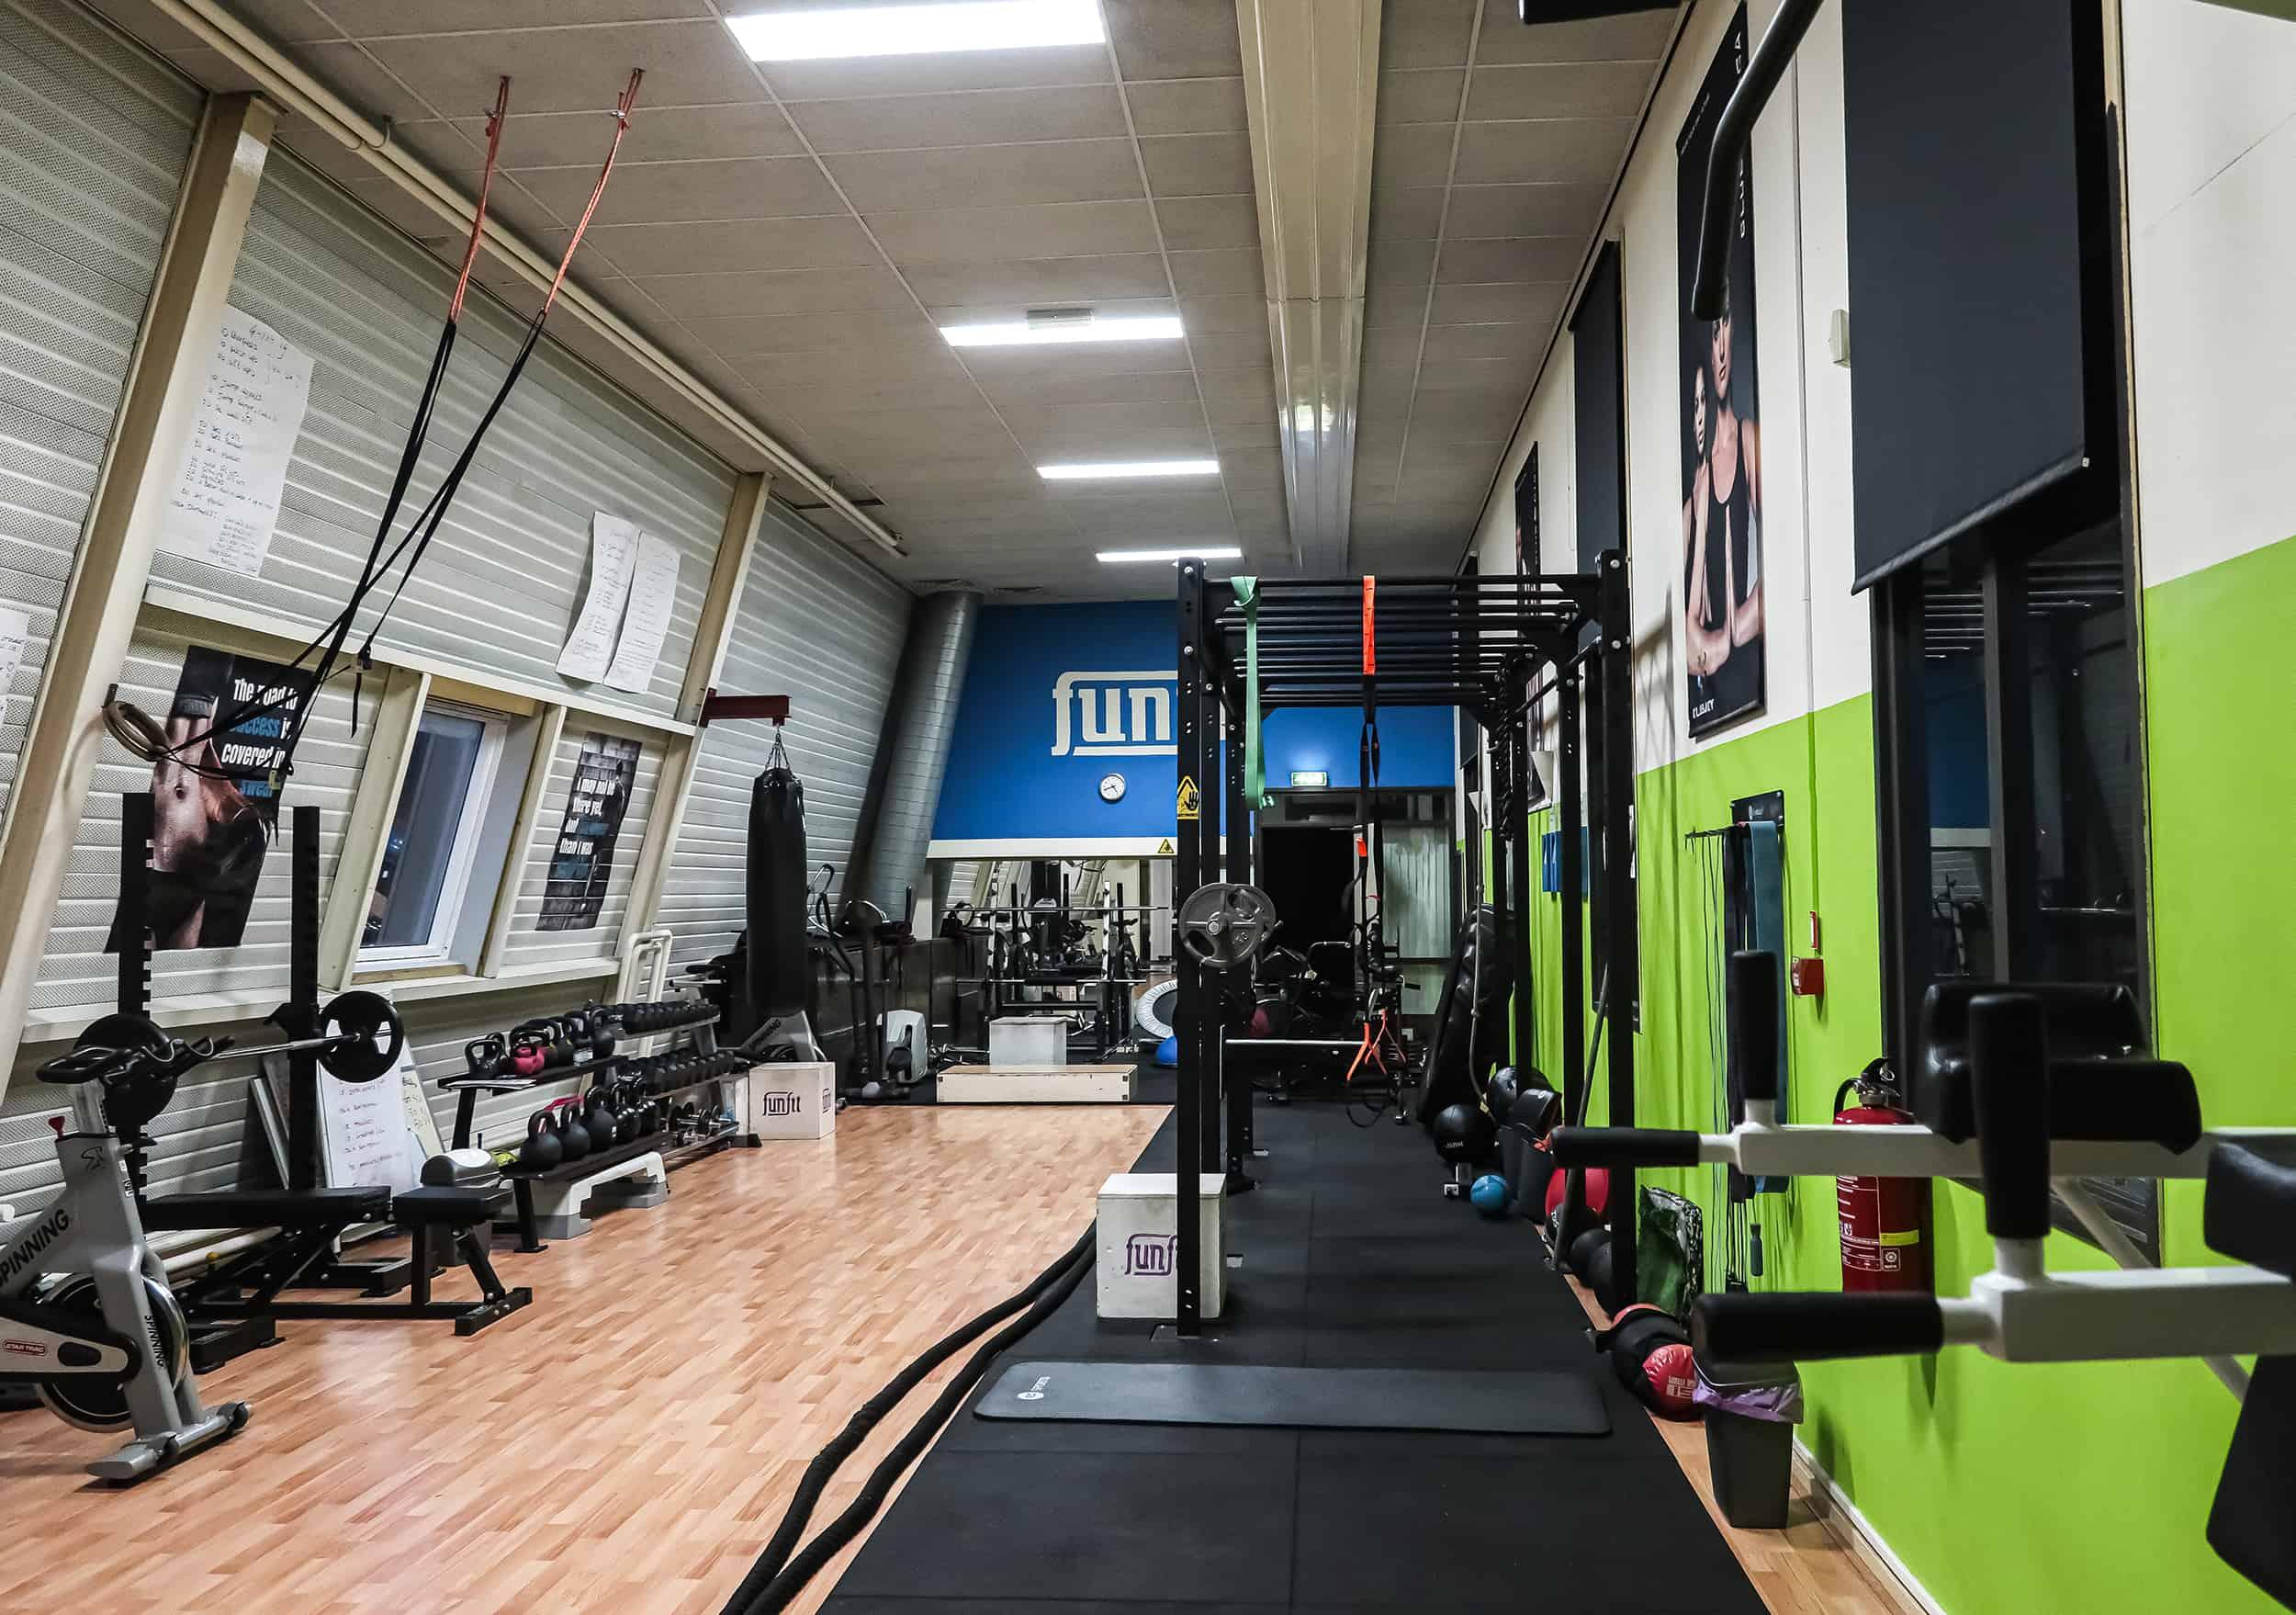 Funfit sportschool Lisse